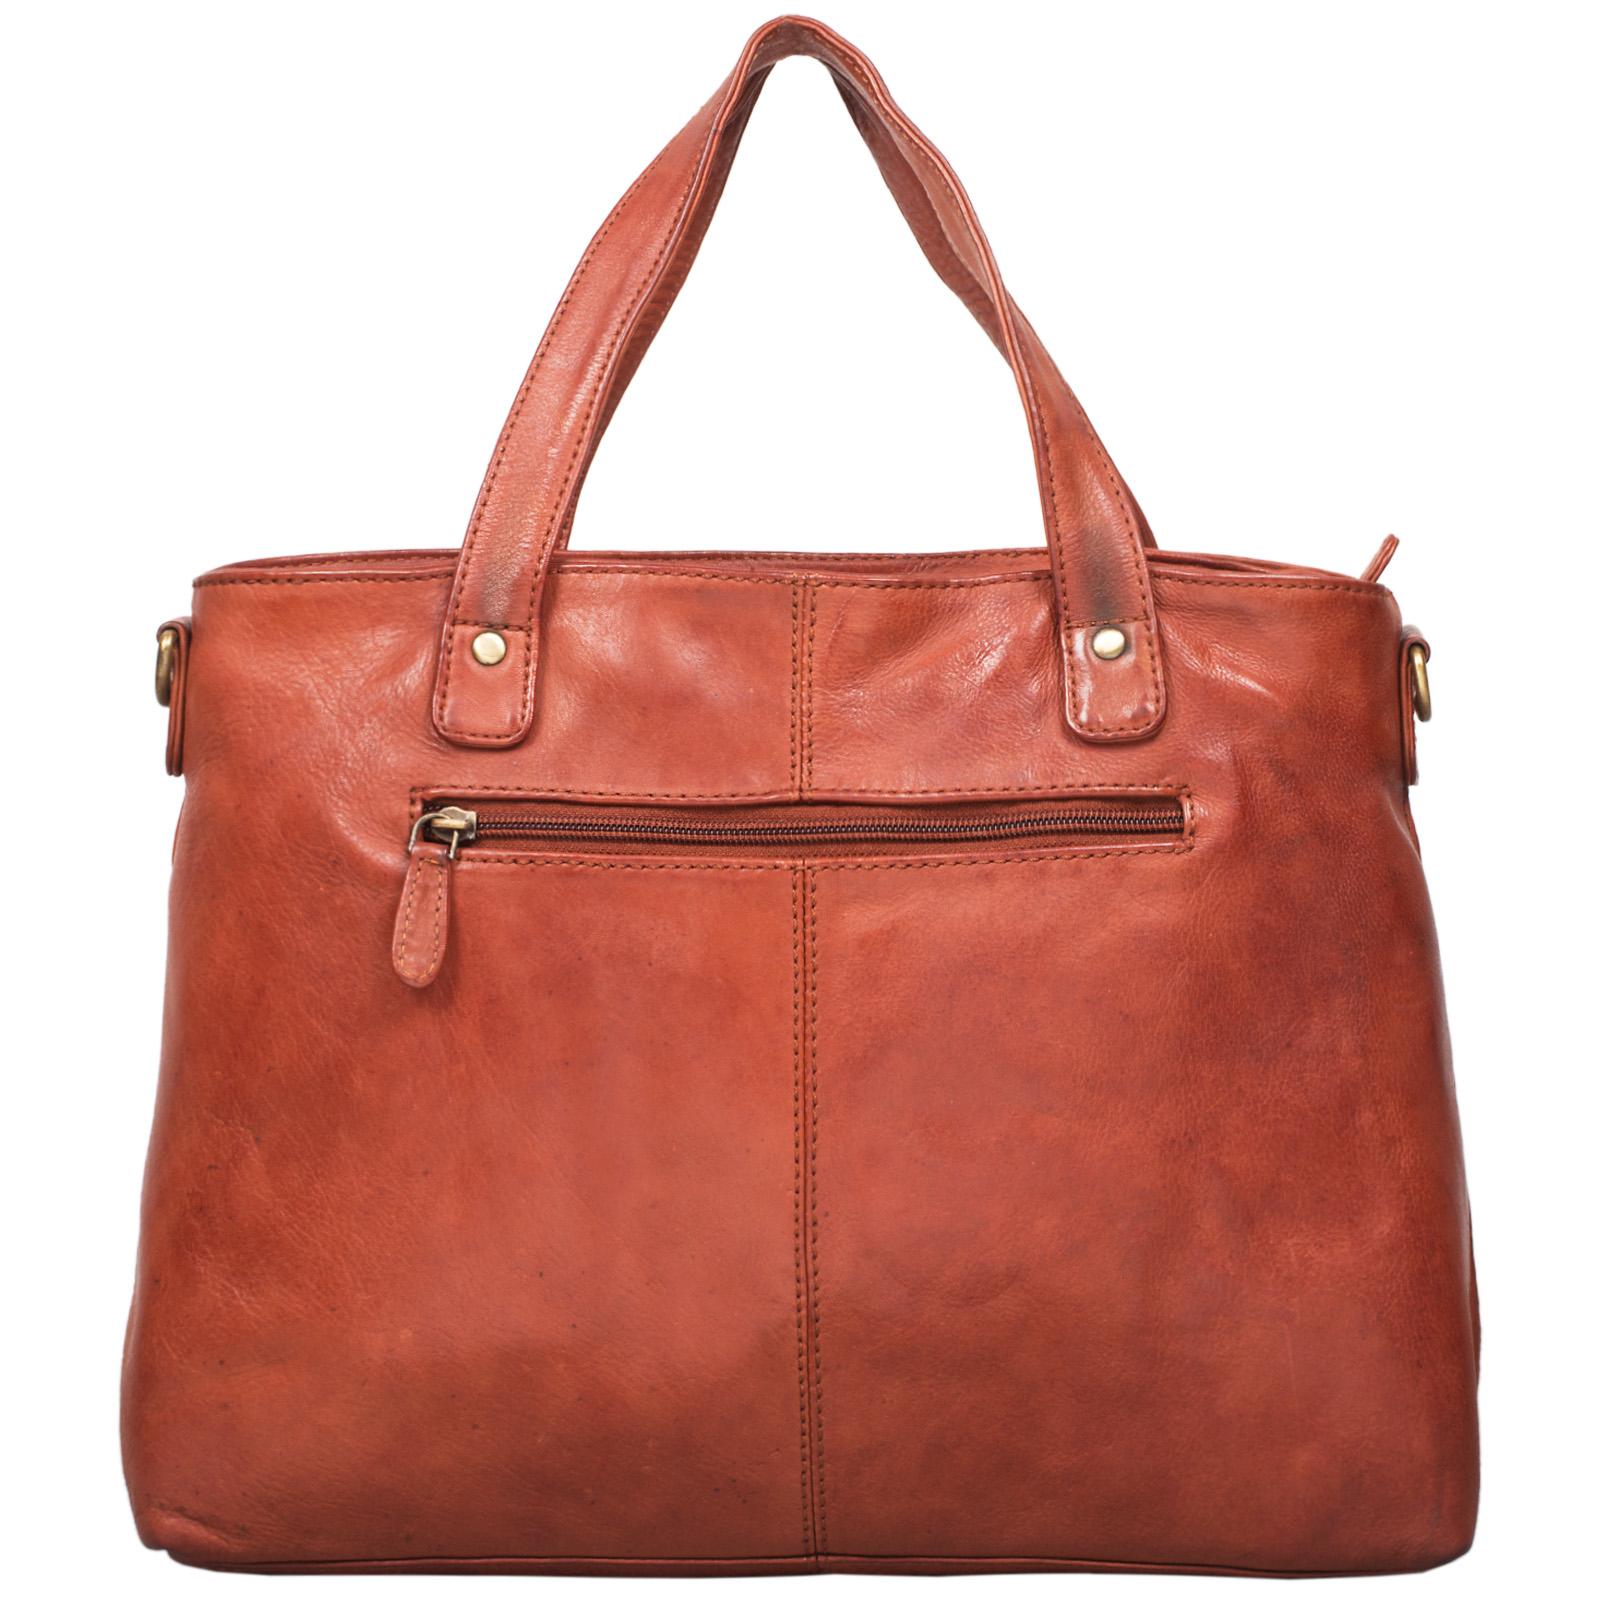 """STILORD """"Mara"""" Elegante Handtasche geflochtenes Leder mit abnehmbaren Schulterriemen Abendtasche Ausgehtasche Echtleder - Bild 18"""